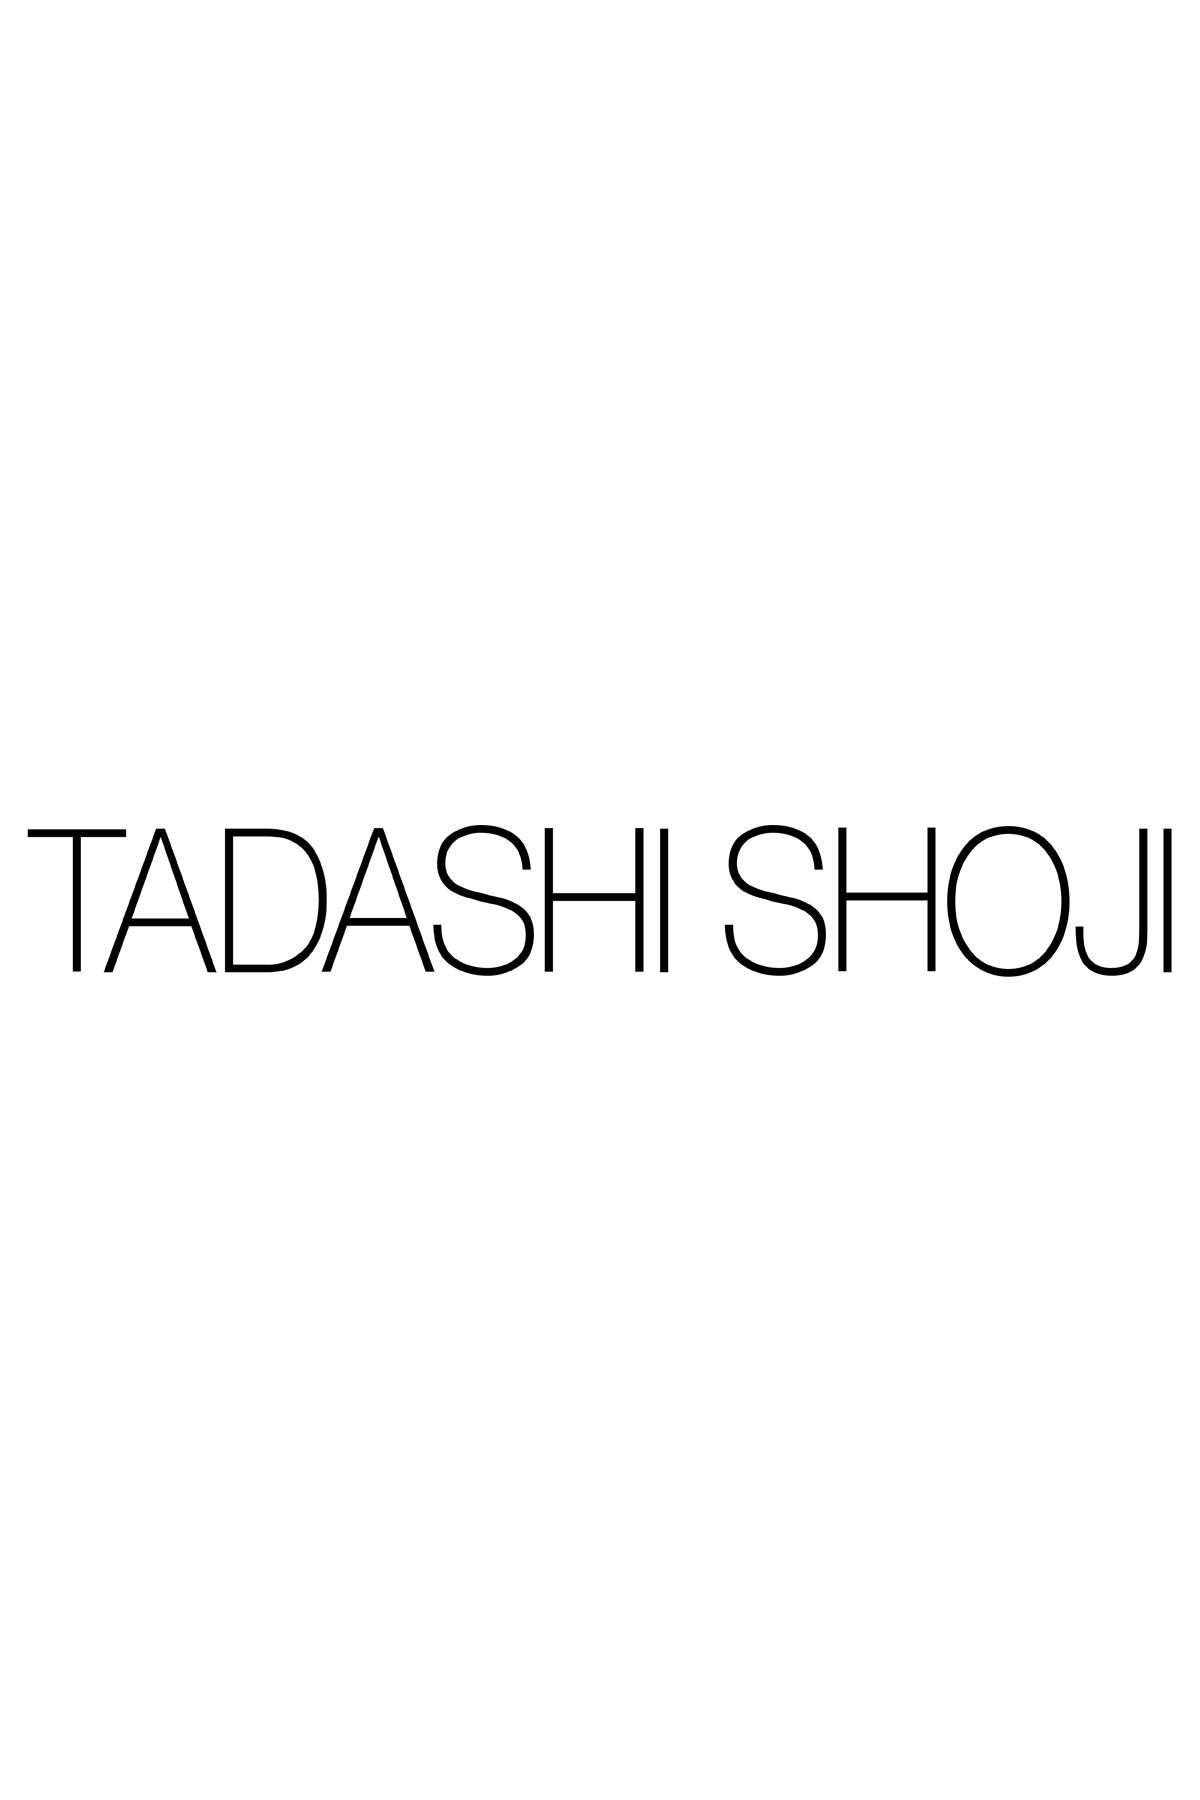 Tadashi Shoji Plus Size Detail - Katana Gown